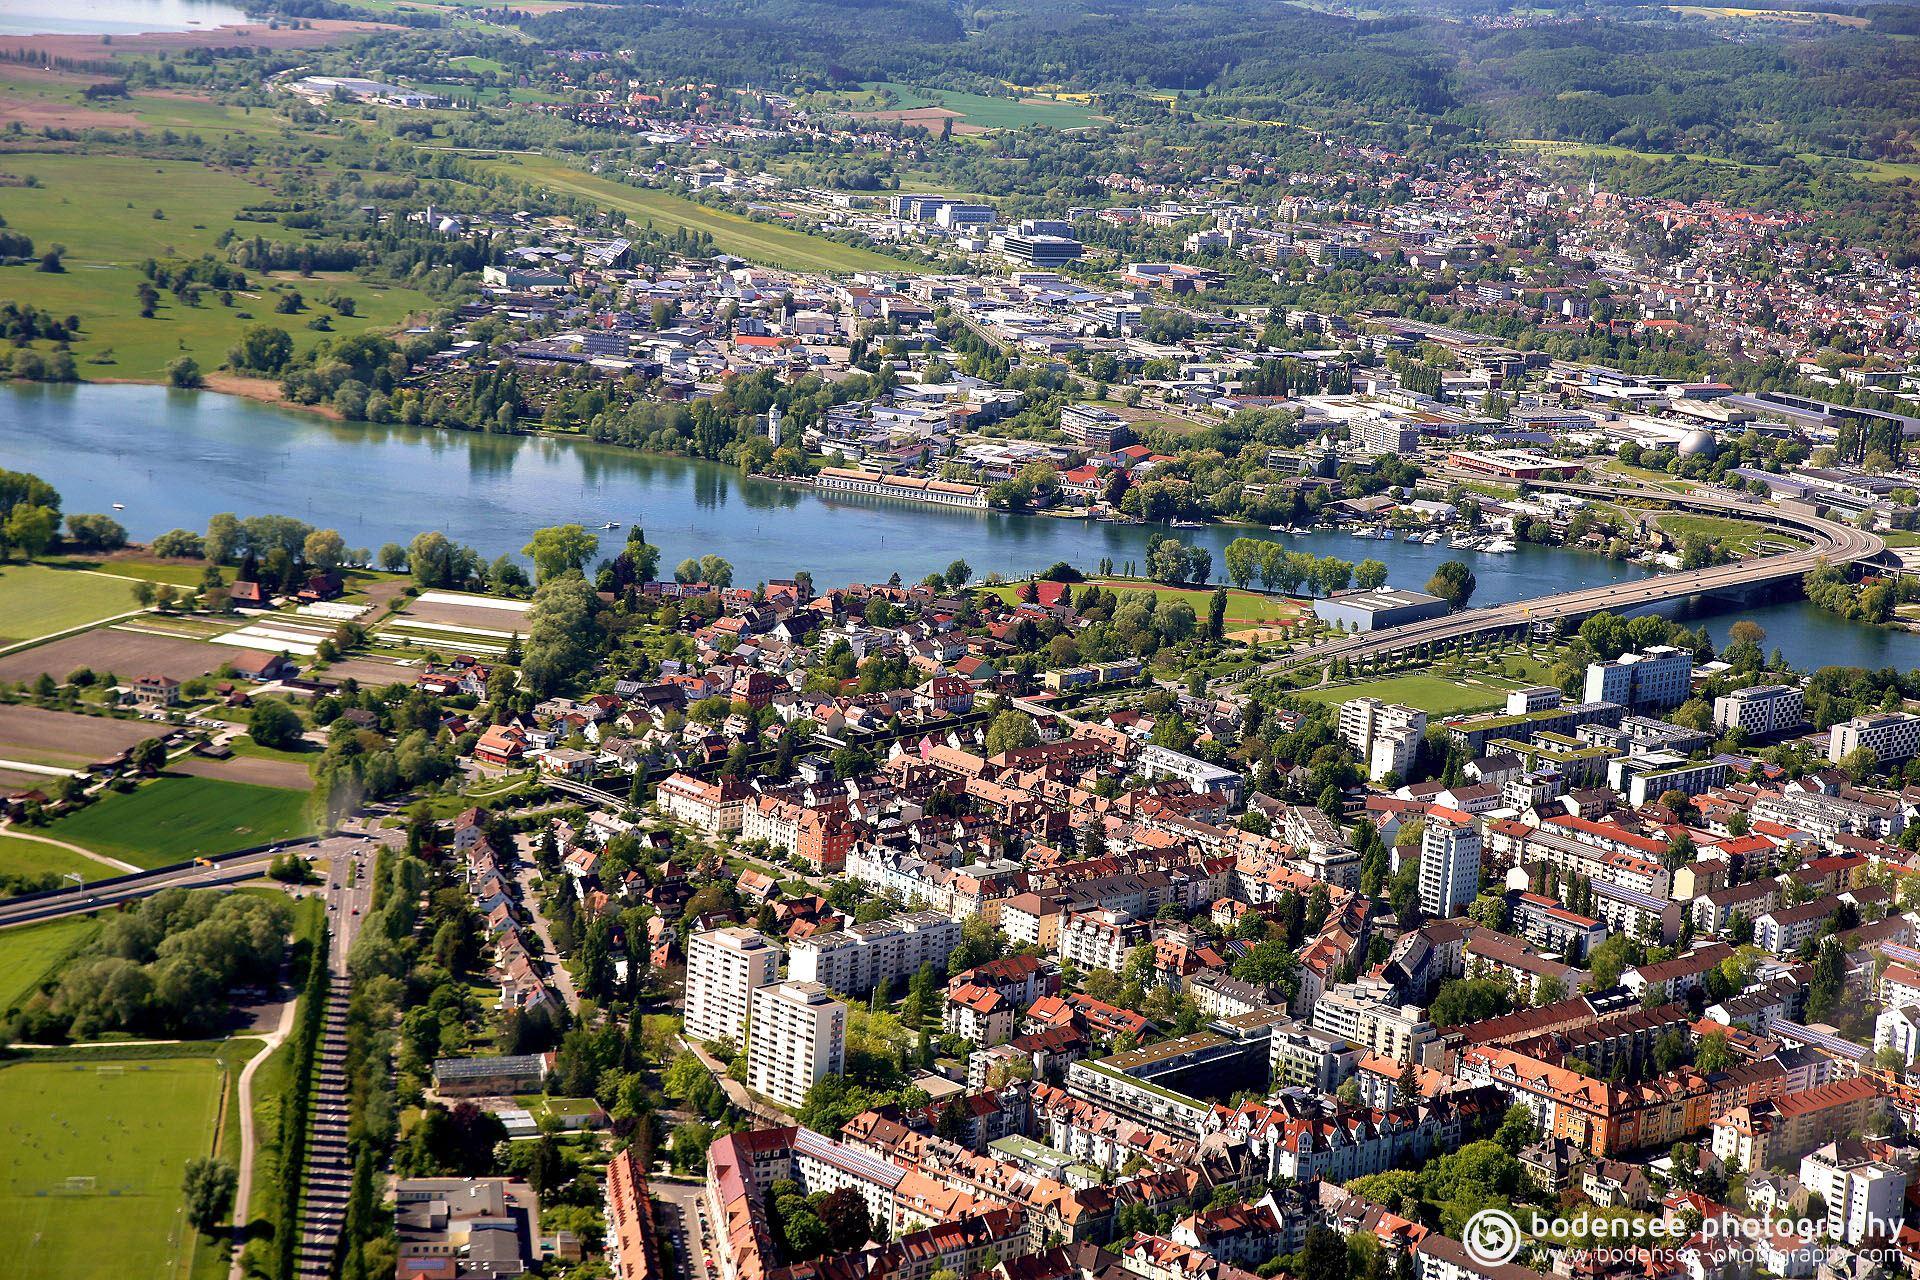 bodensee-luftbild.com in Konstanz © reinhold@wentsch.com   bodensee.photography